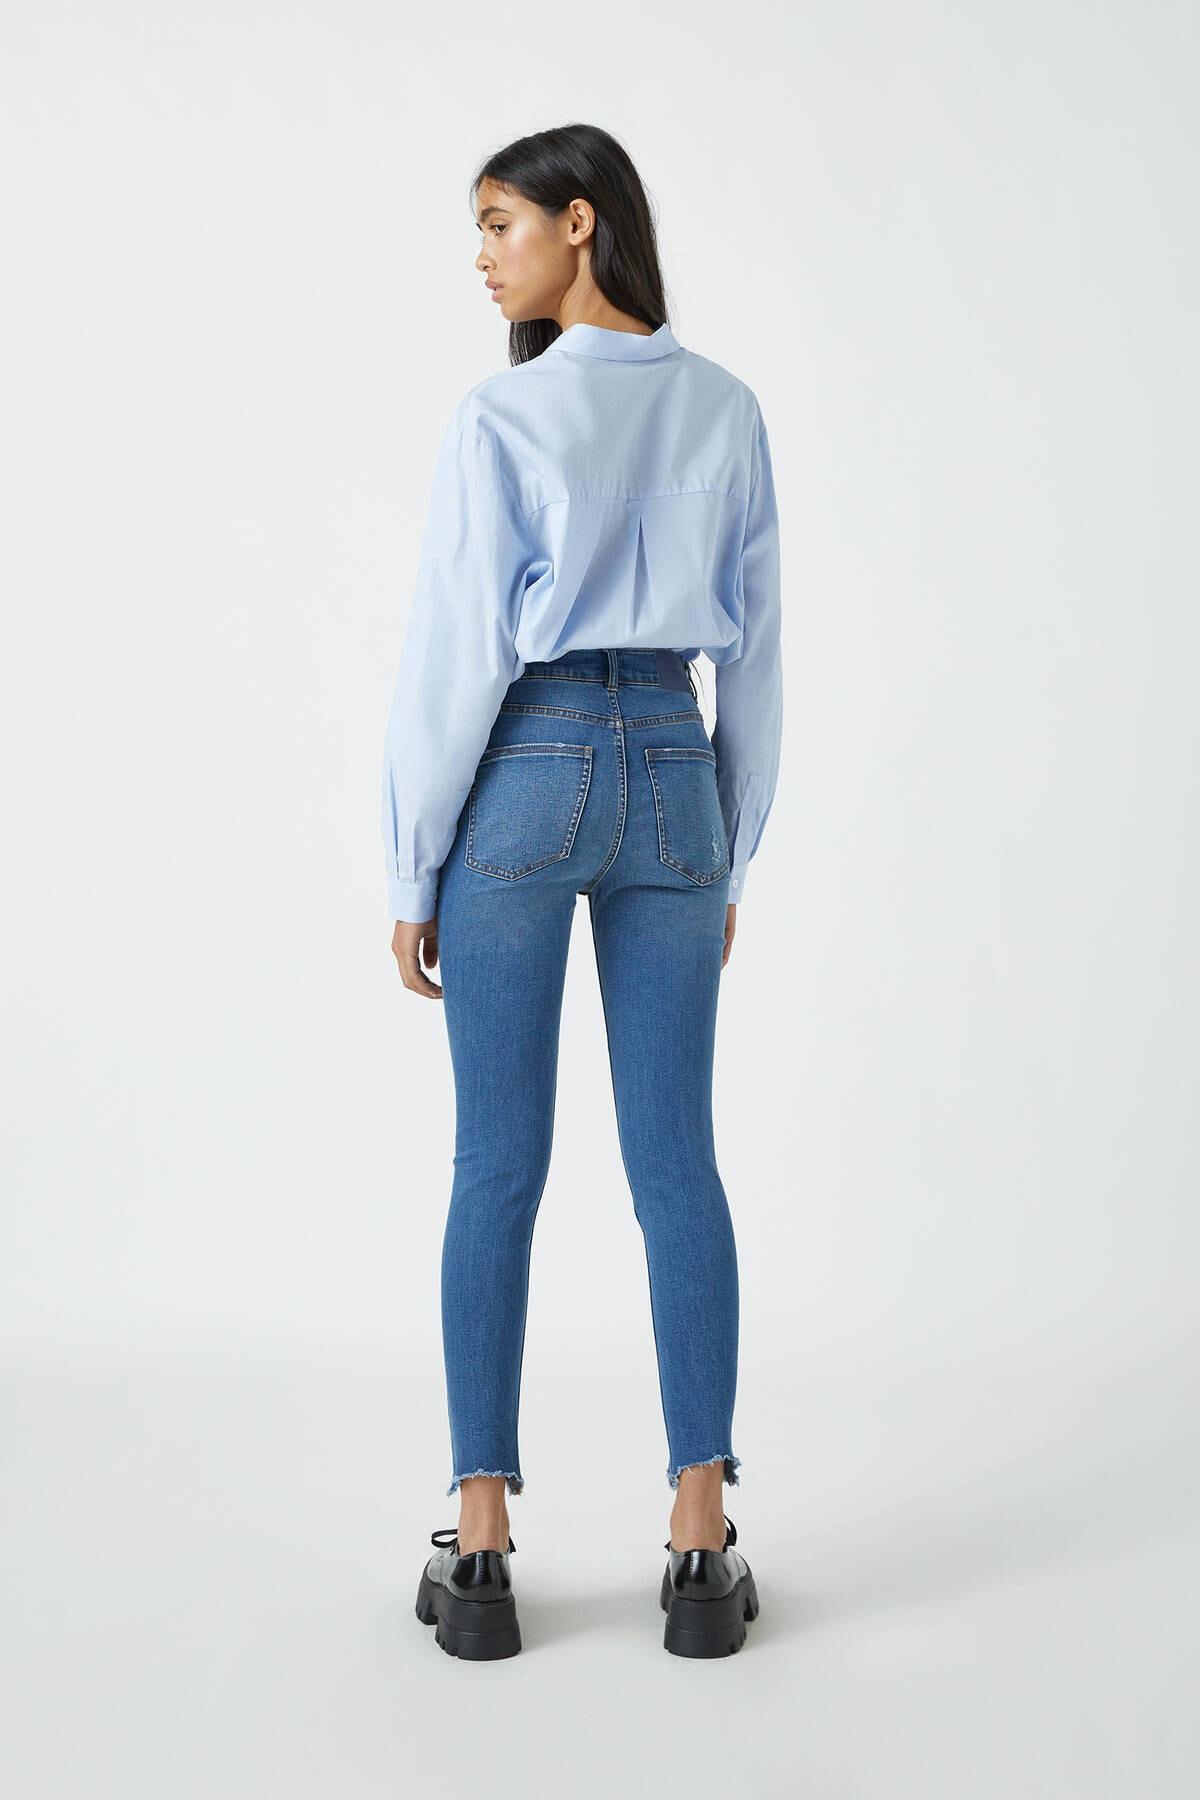 Pull & Bear Kadın Orta Mavi Yüksek Bel Skinny Fit Kapri Jean 09689301 3